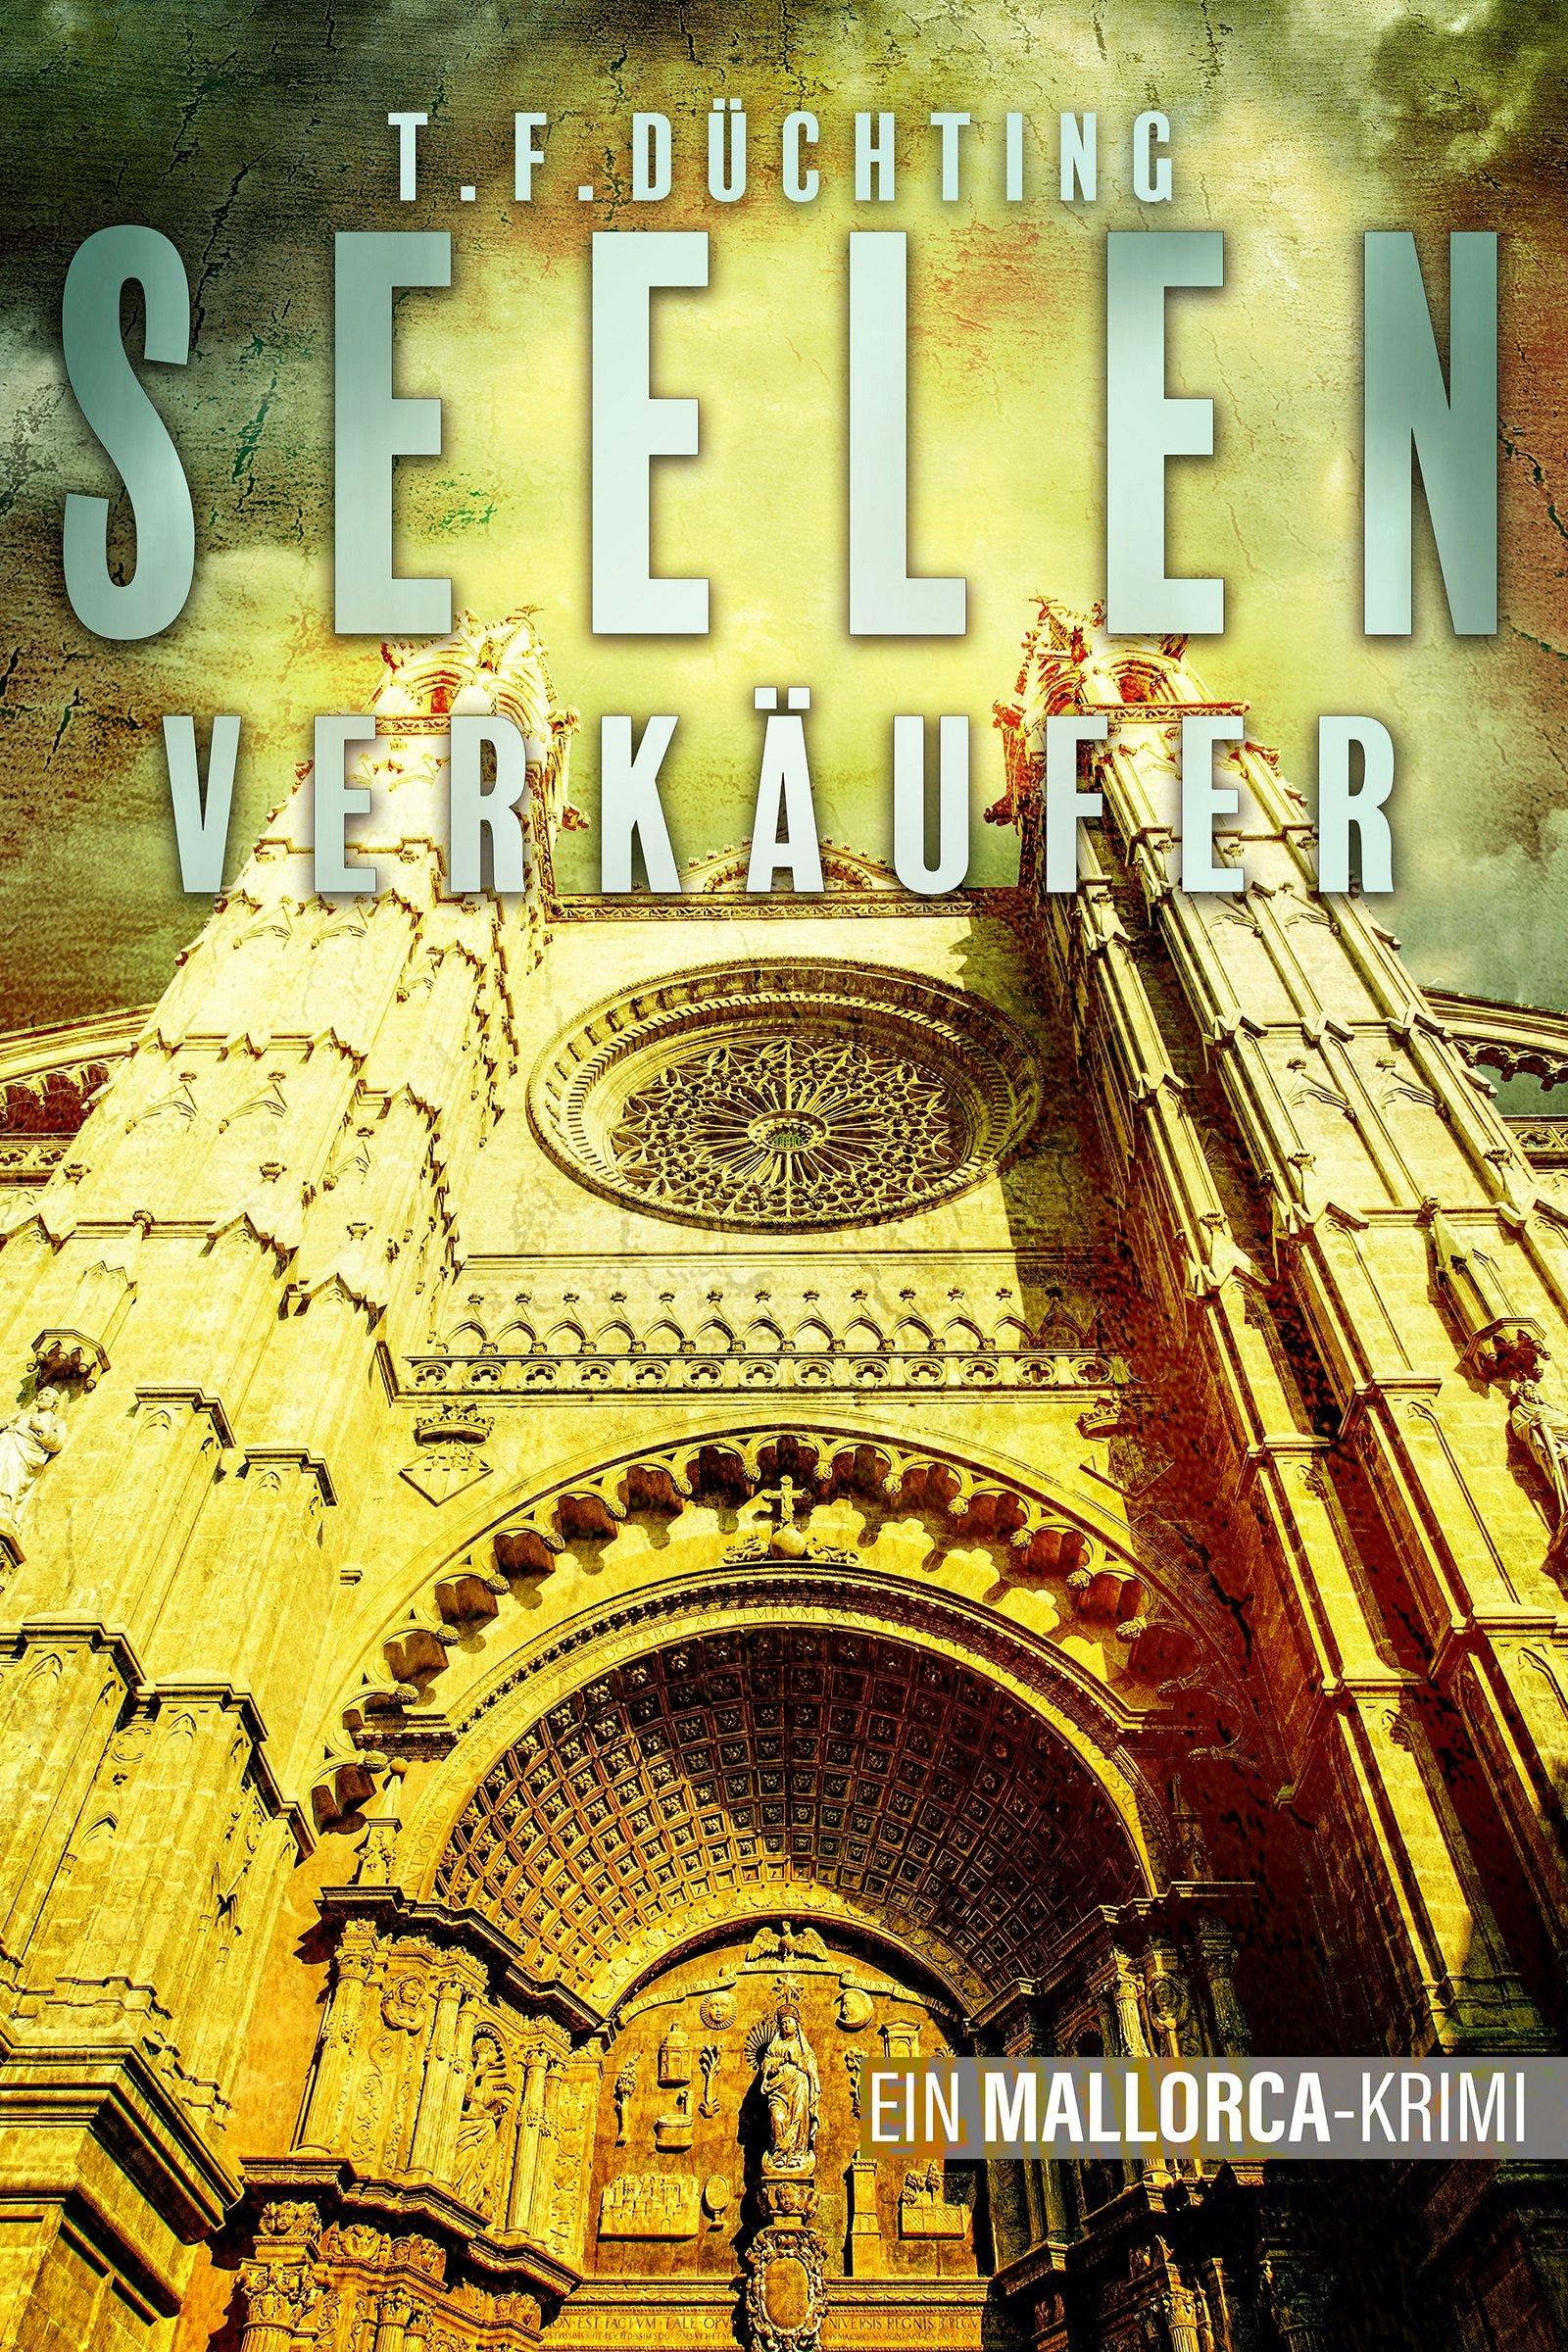 Seelenverkäufer - Ein Mallorca-Krimi (German Edition)